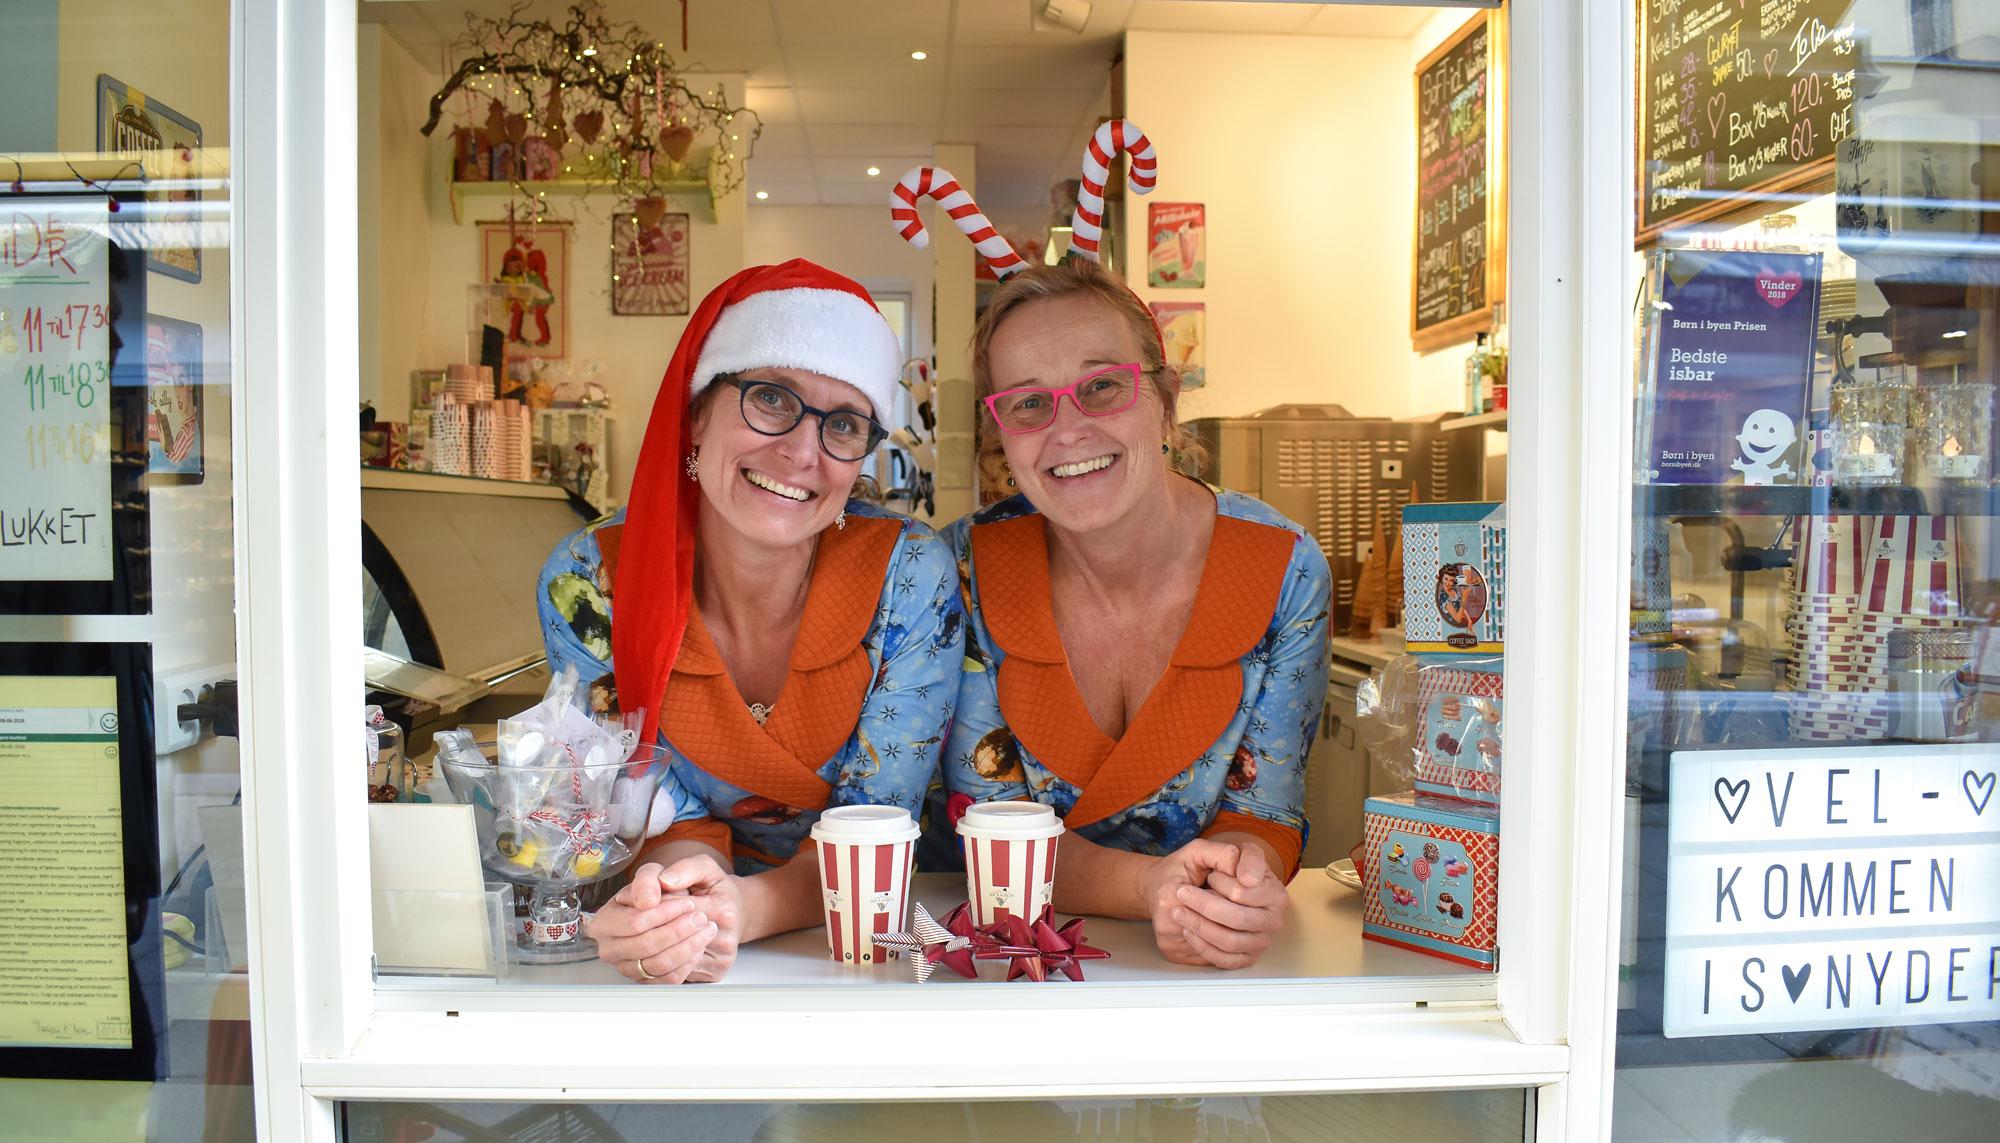 Mens vi venter: Lækkerier i byen der vækker din julestemning